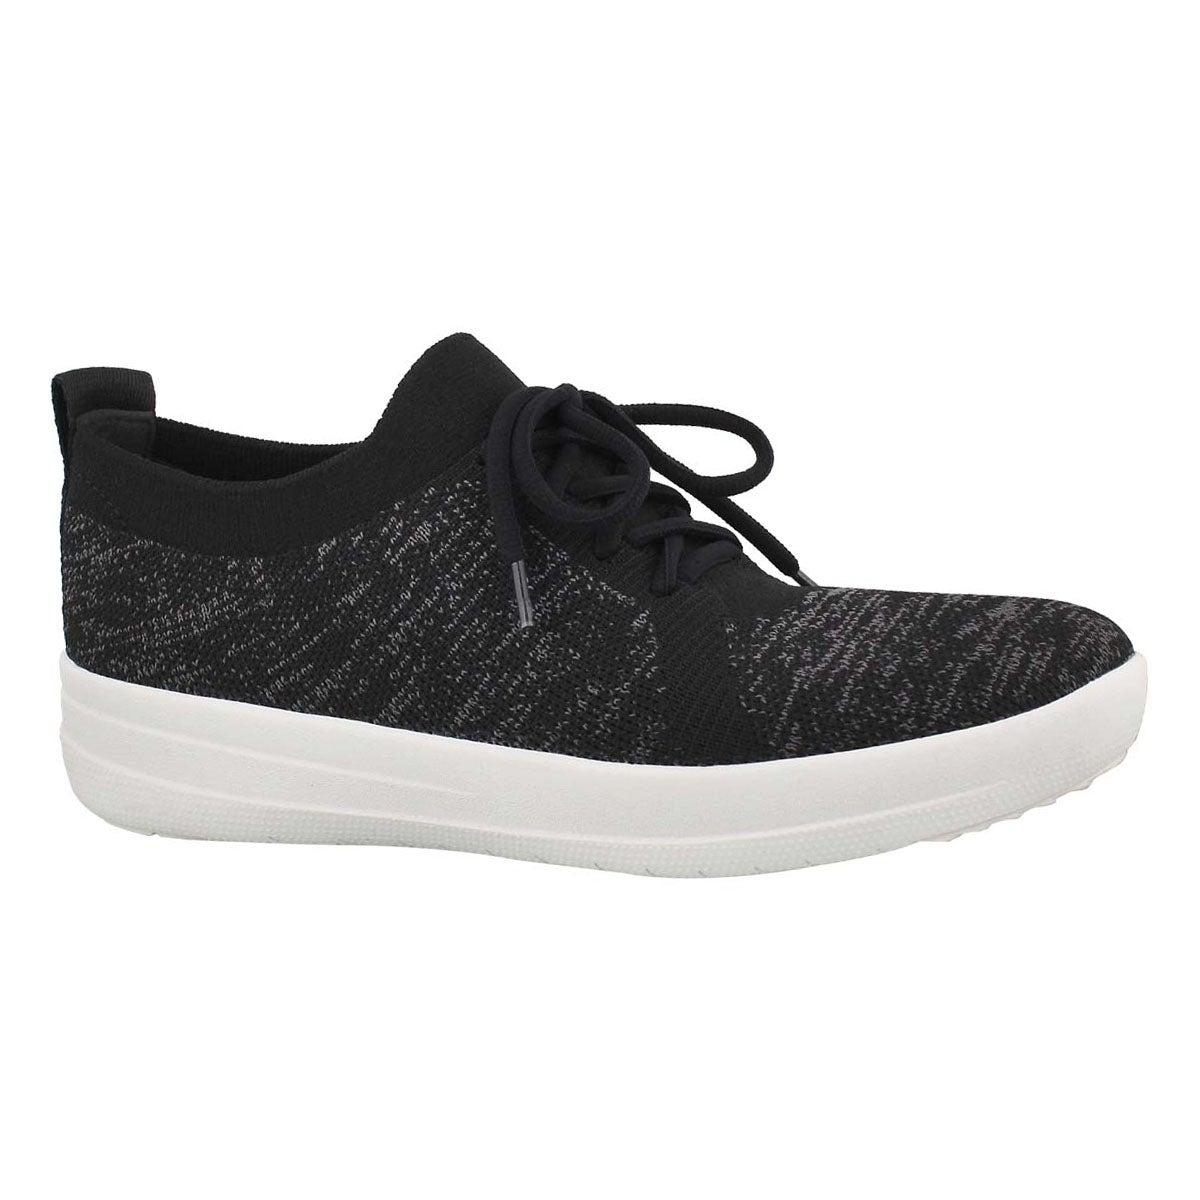 Women's UBERKNIT SPORTY black sneakers